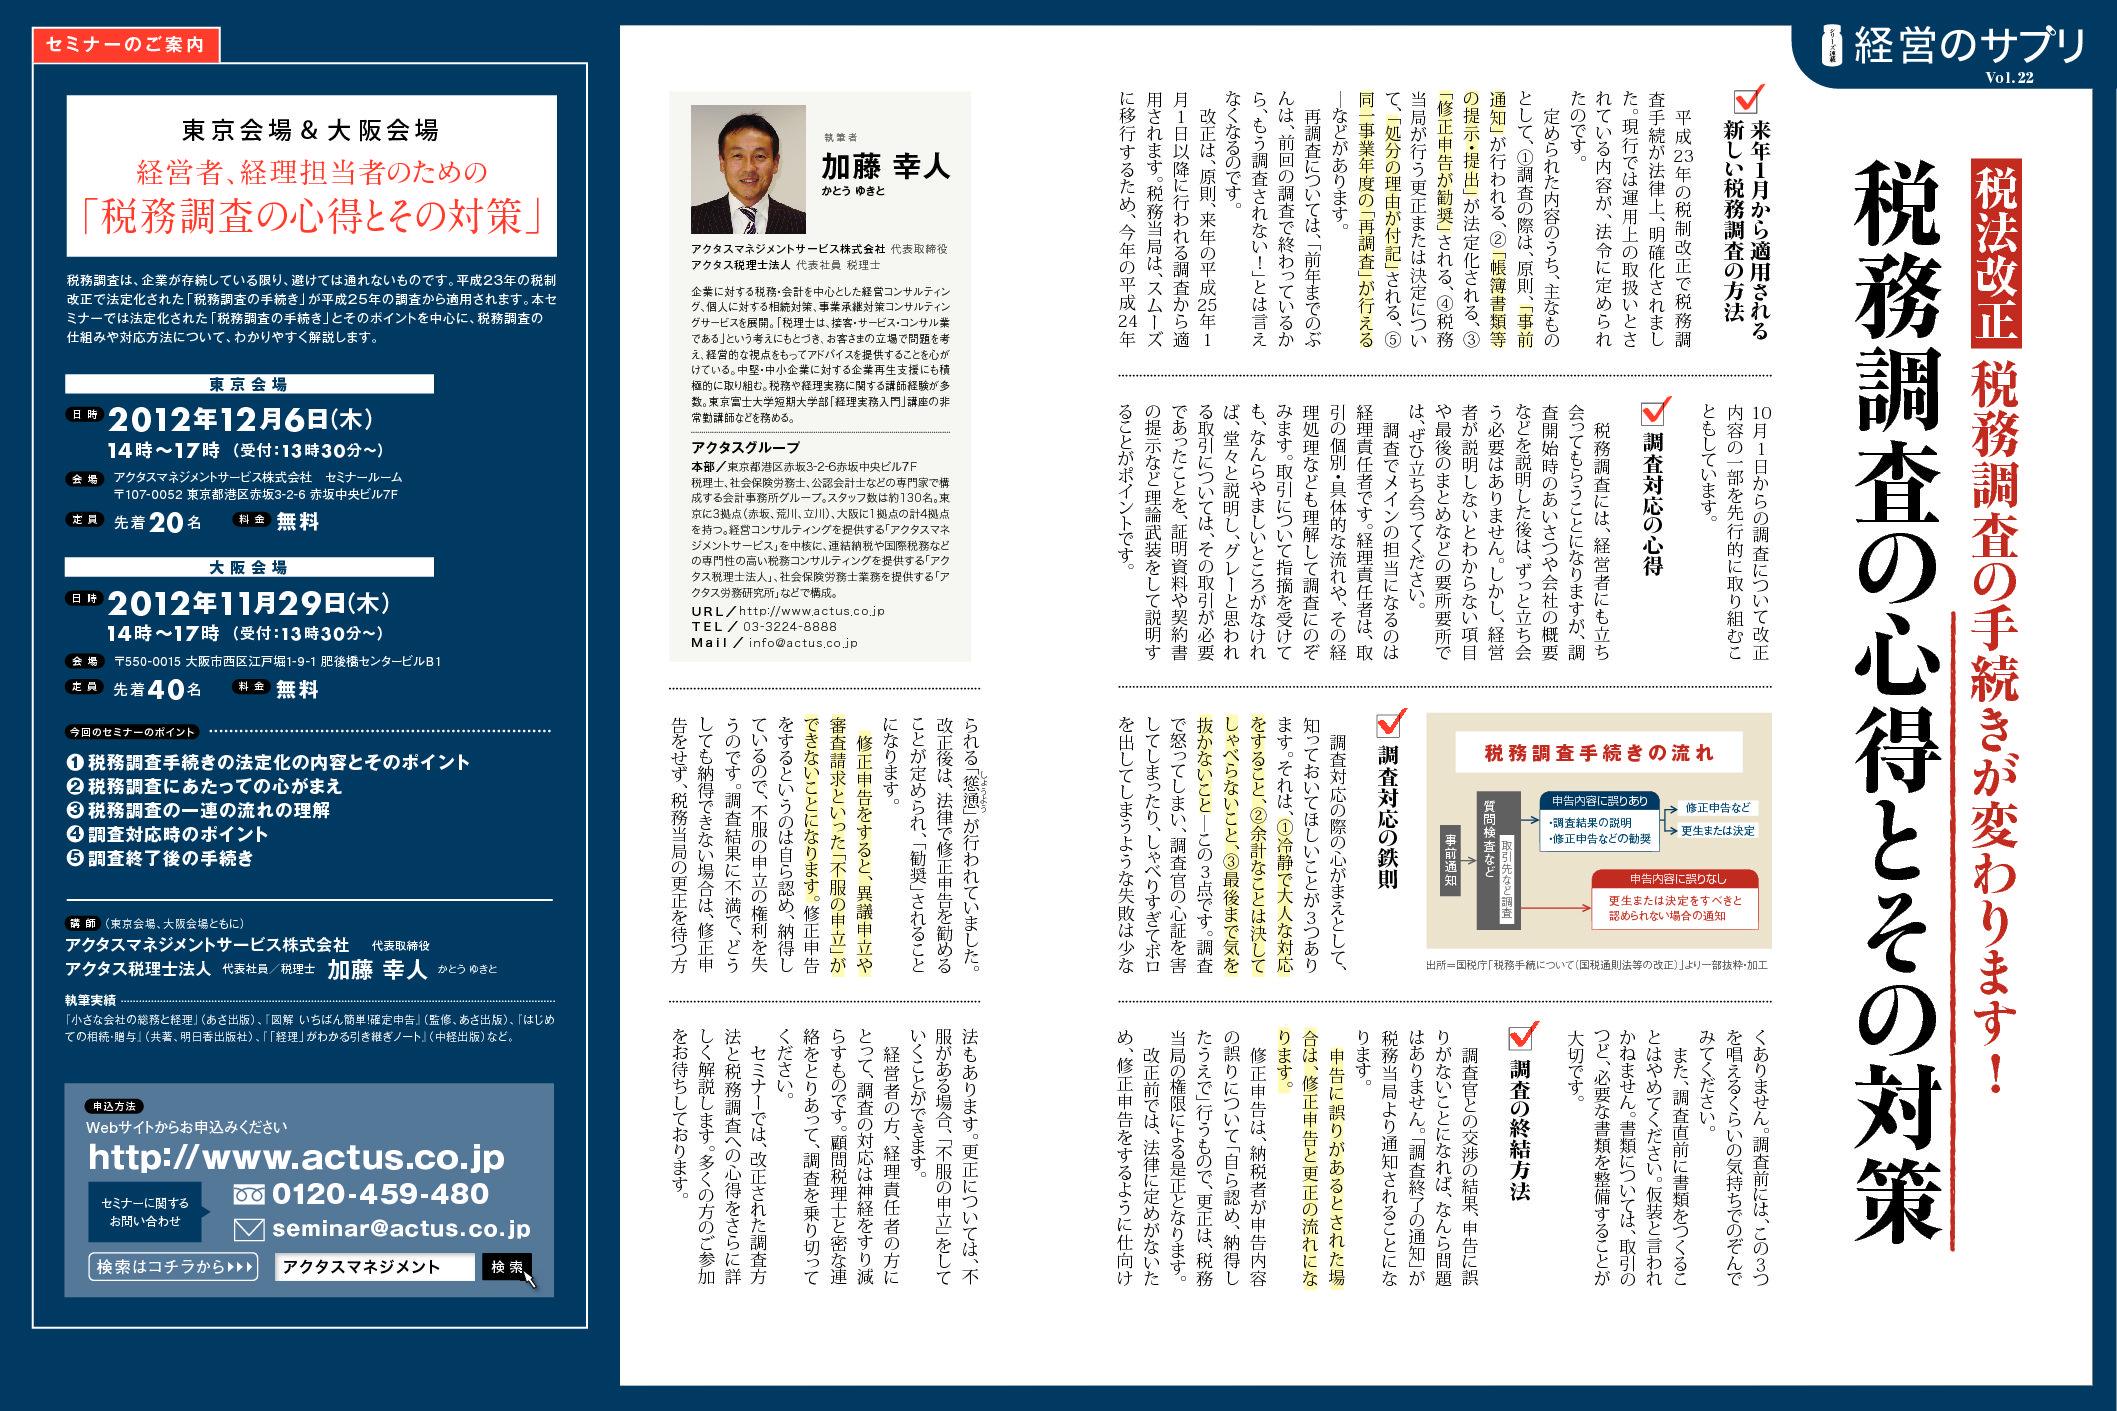 経営のサプリVol.22 【税法改正】税務調査の手続きが変わります! 税務調査の心得とその対策